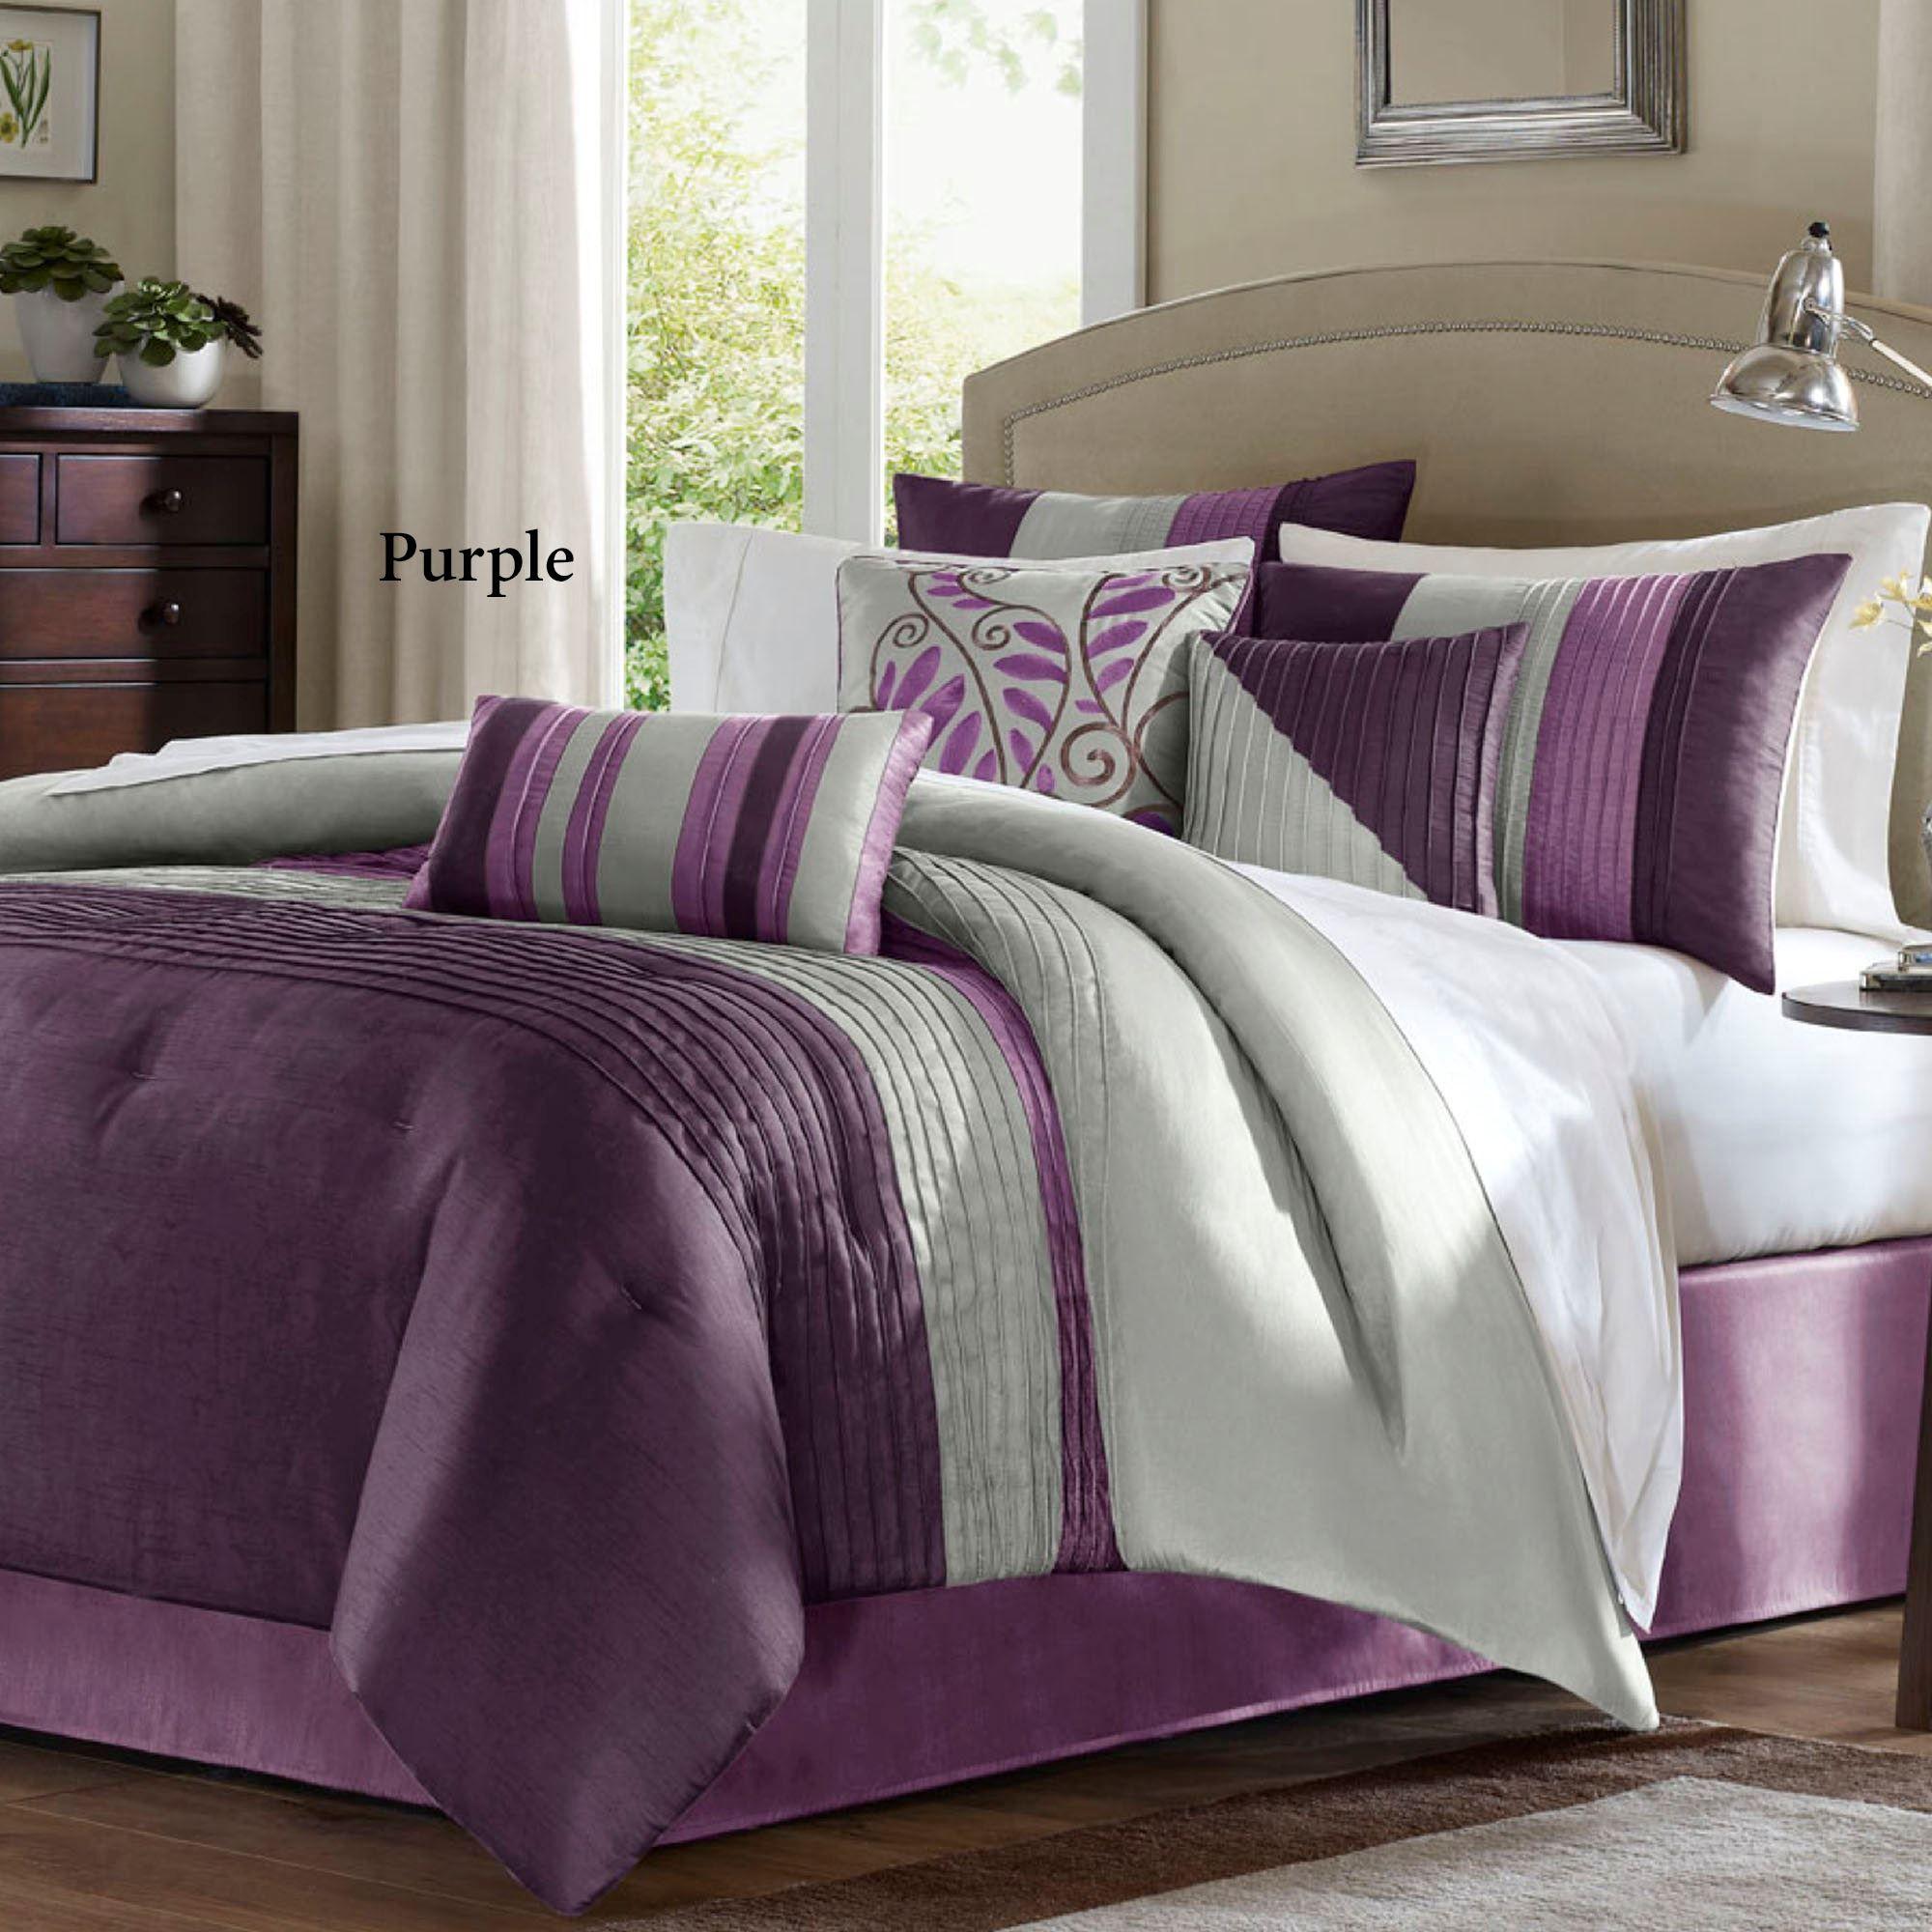 Salem 7 pc Pintuck forter Bed Set